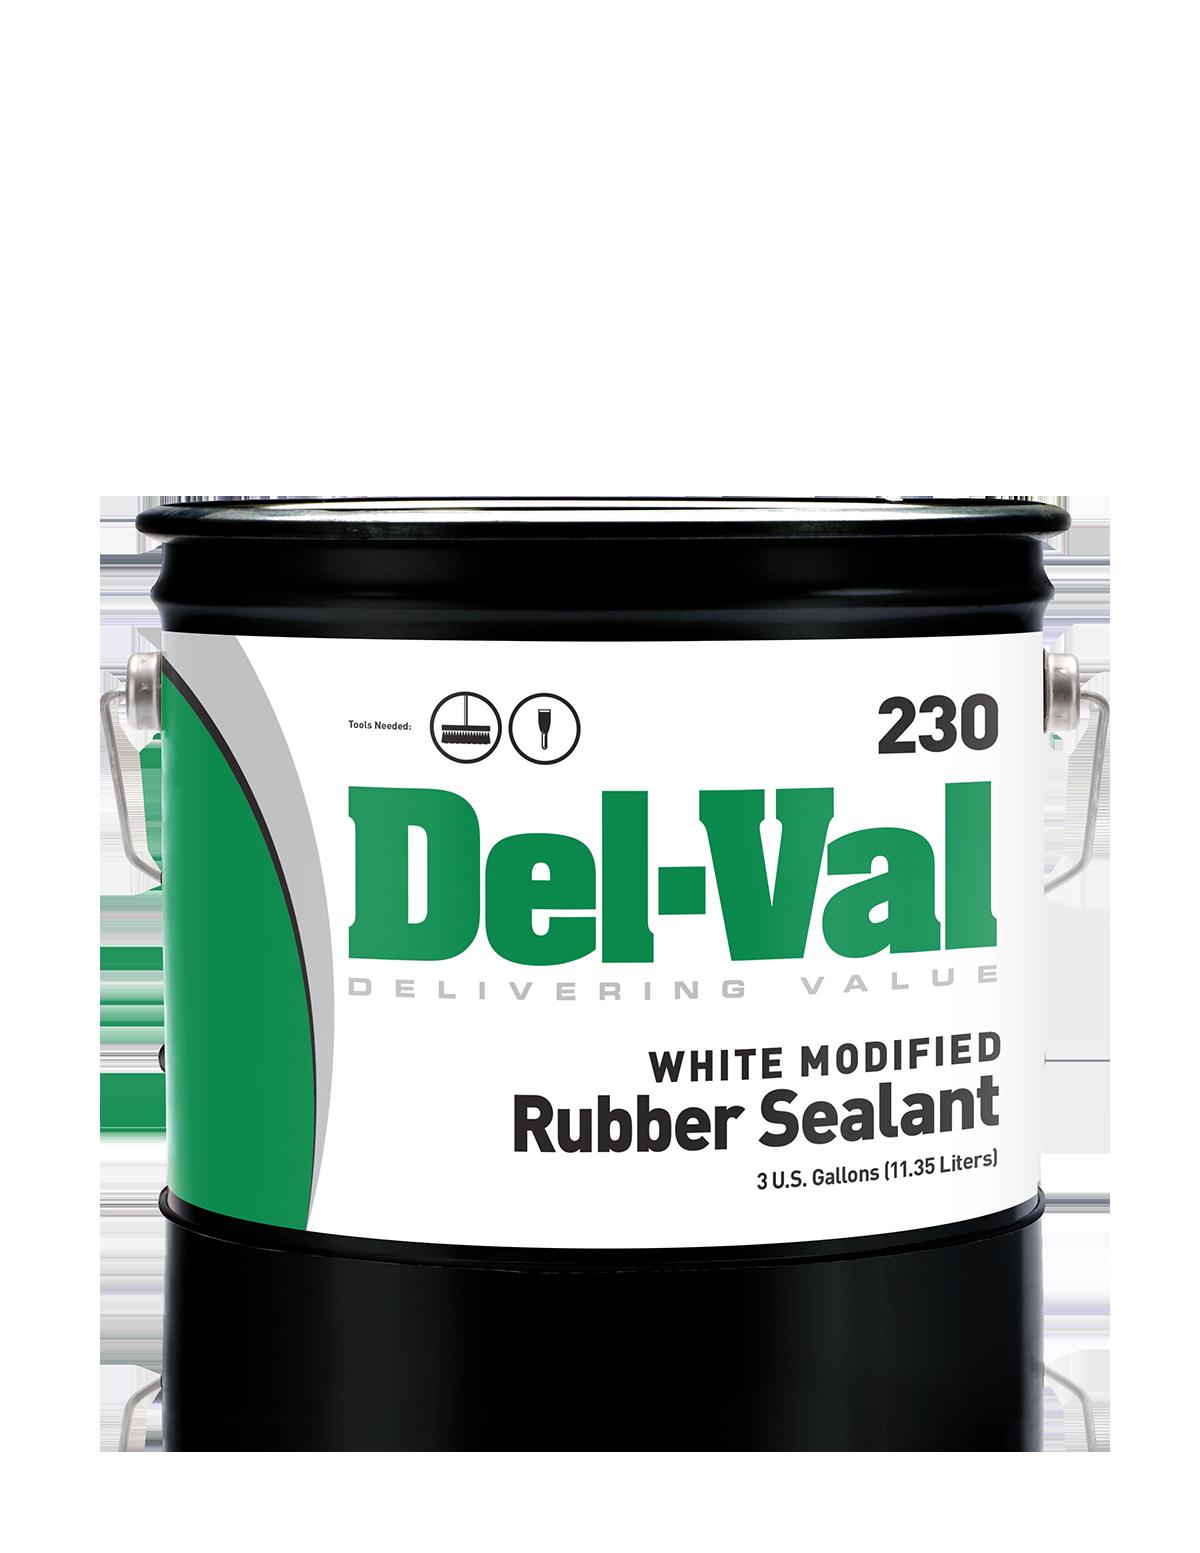 Del-Val 230 Modified Rubber Sealant (White) is a single